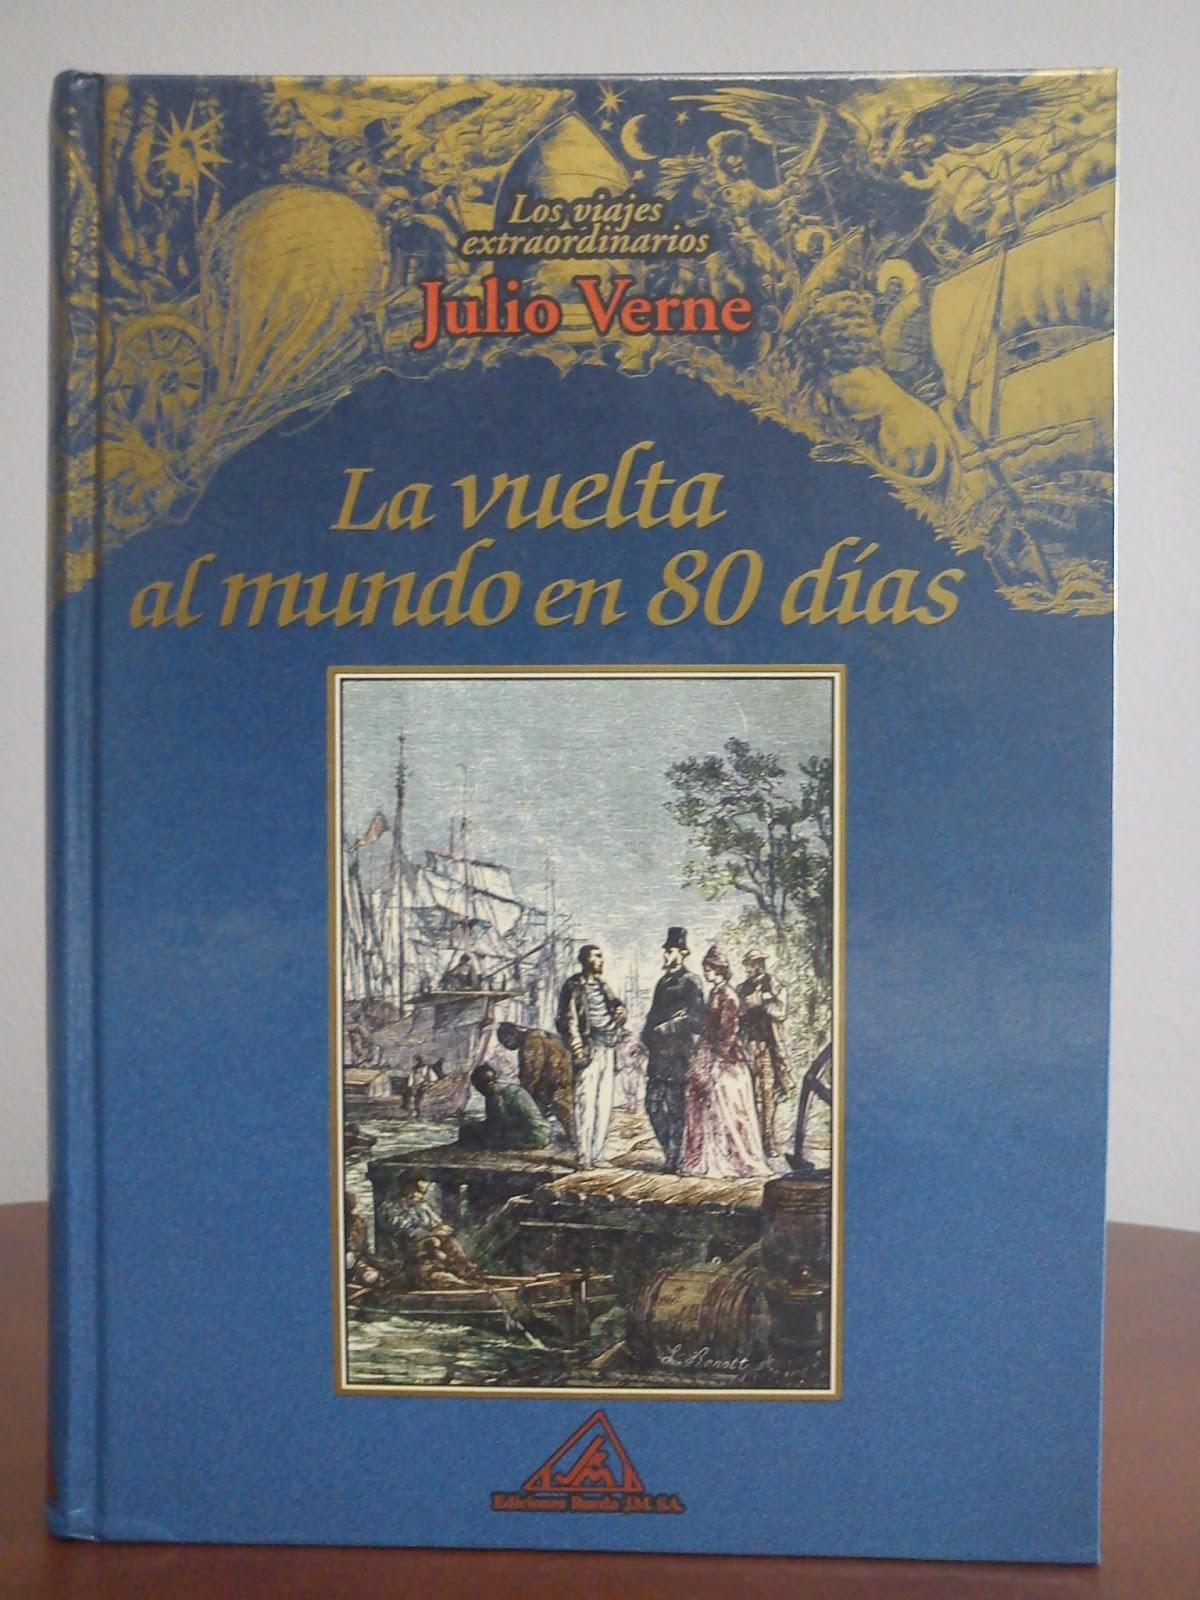 ENSAYO VUELTA AL MUNDO EN 80 DIAS by ashleypeevm - Issuu